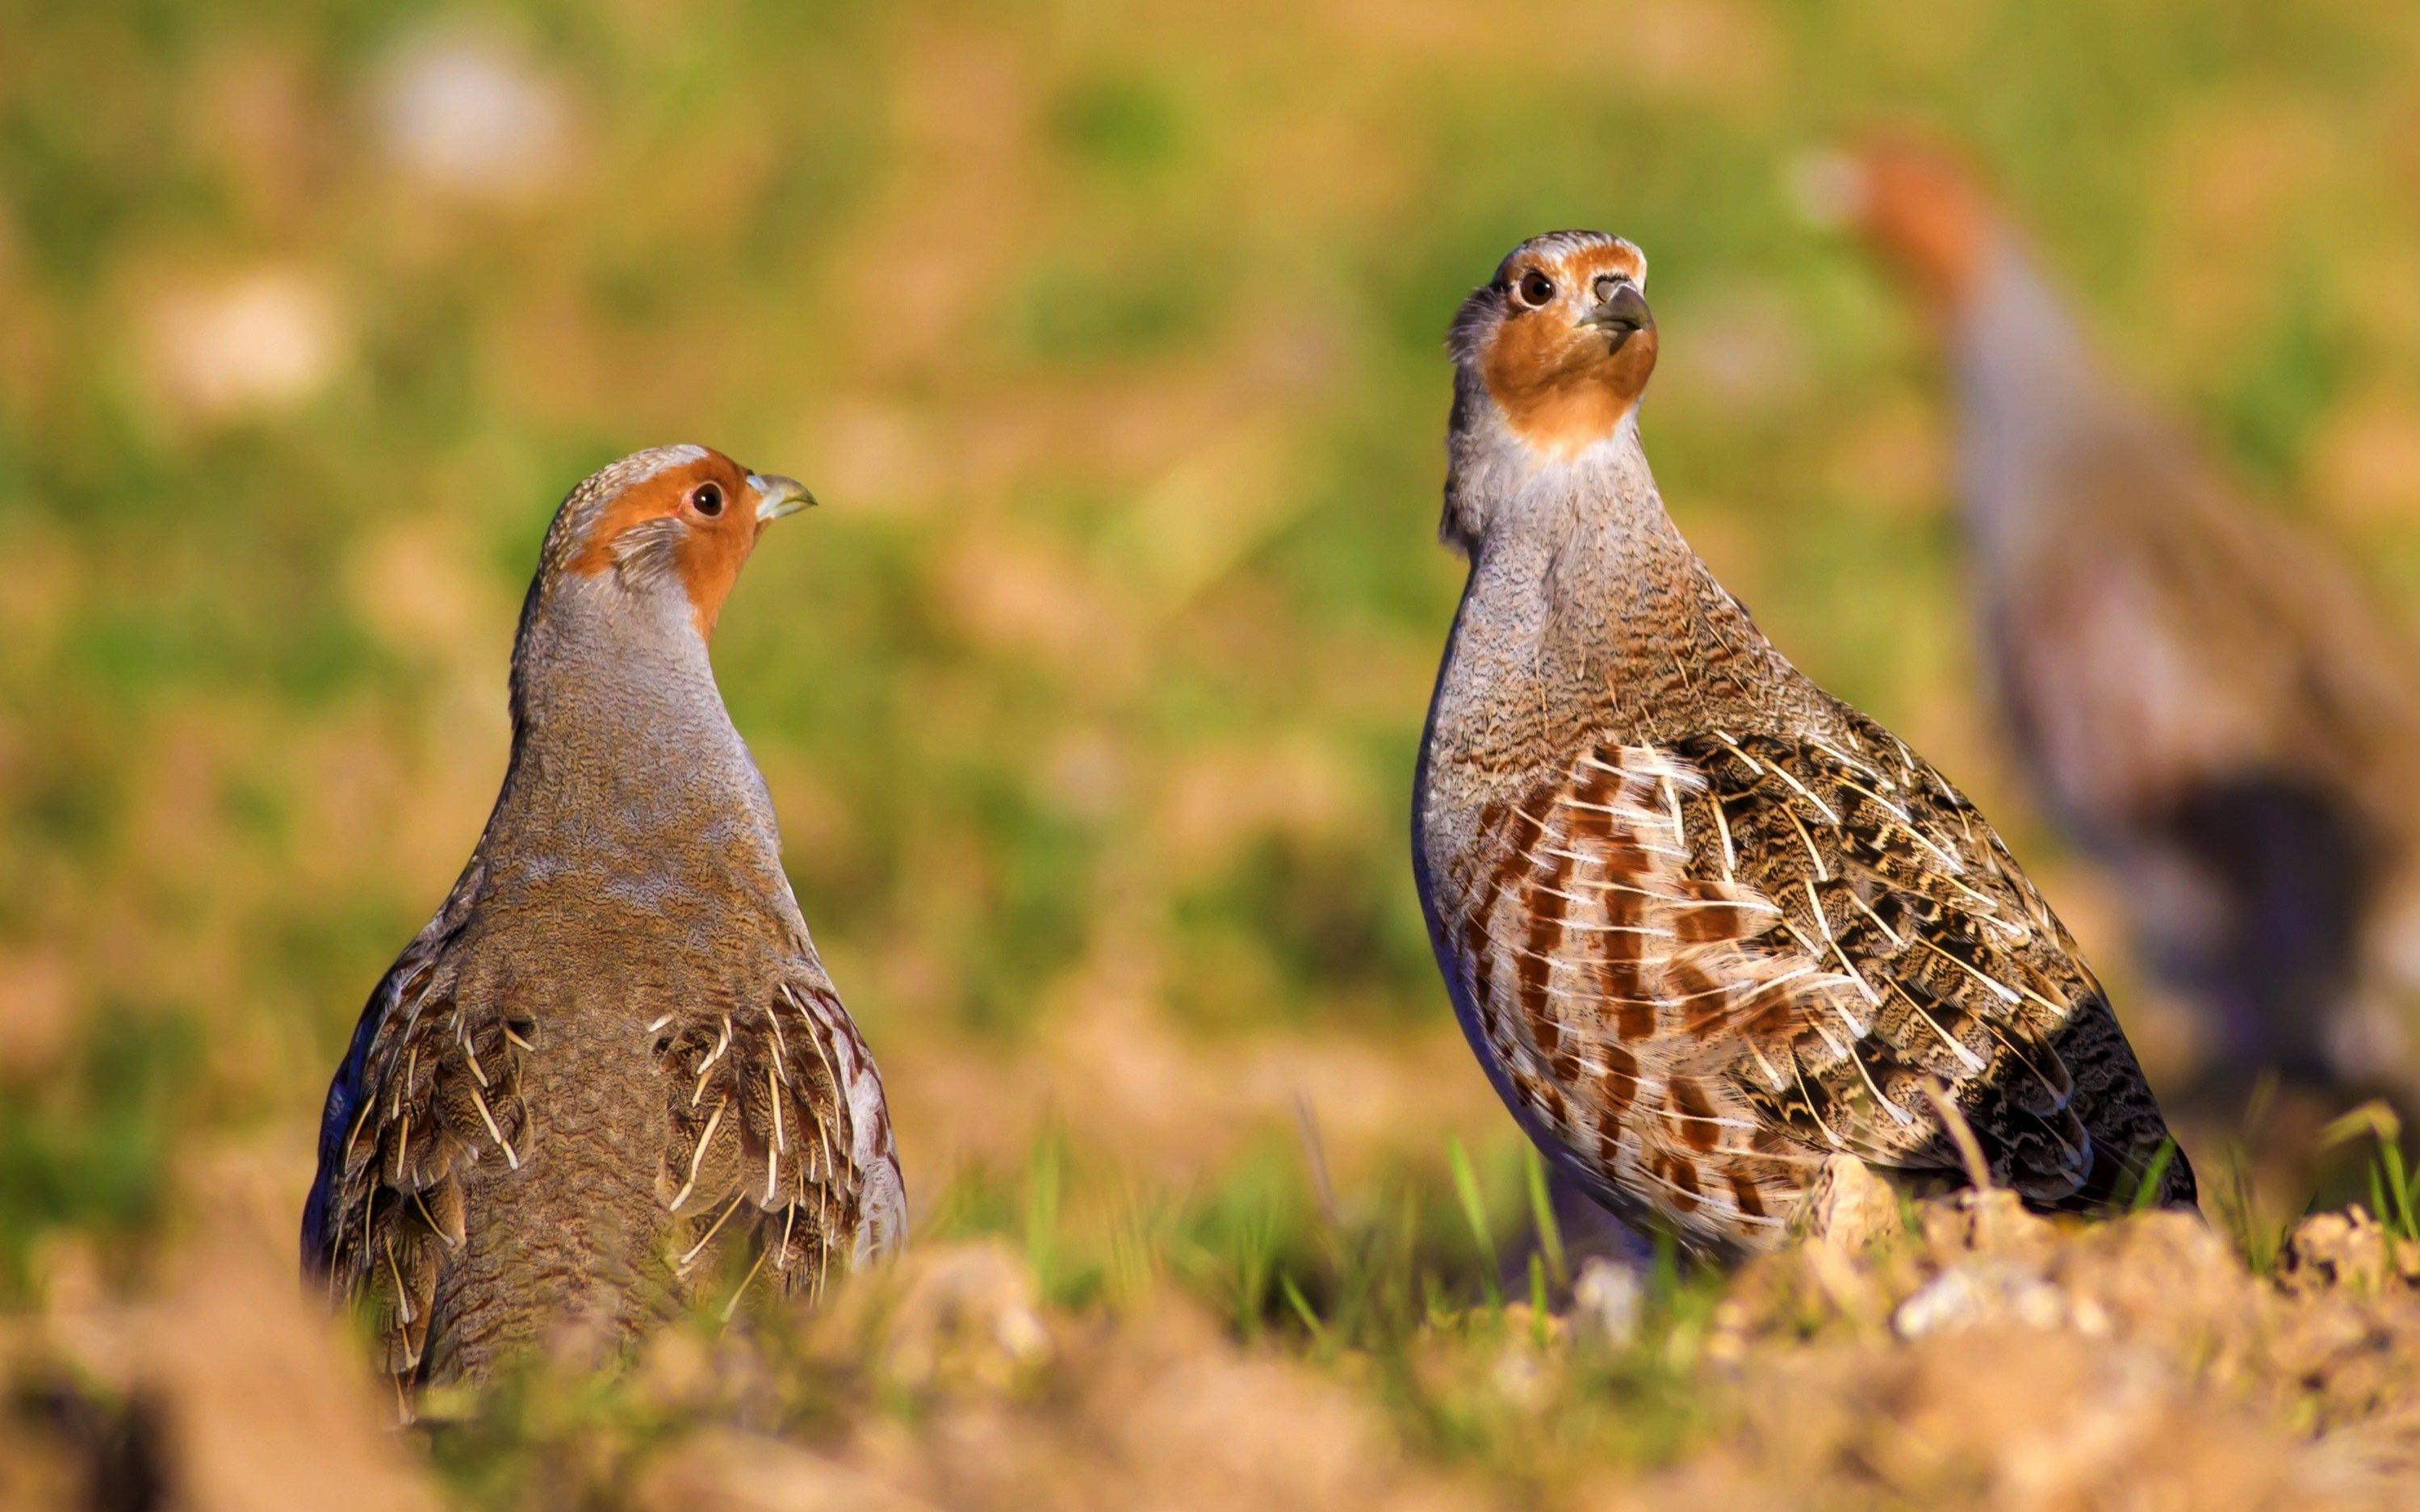 Aufnahme von zwei Rebhühnern auf einer Wiese. Im Hintergrund kann man ein weiteres Rebhuhn erkennen.